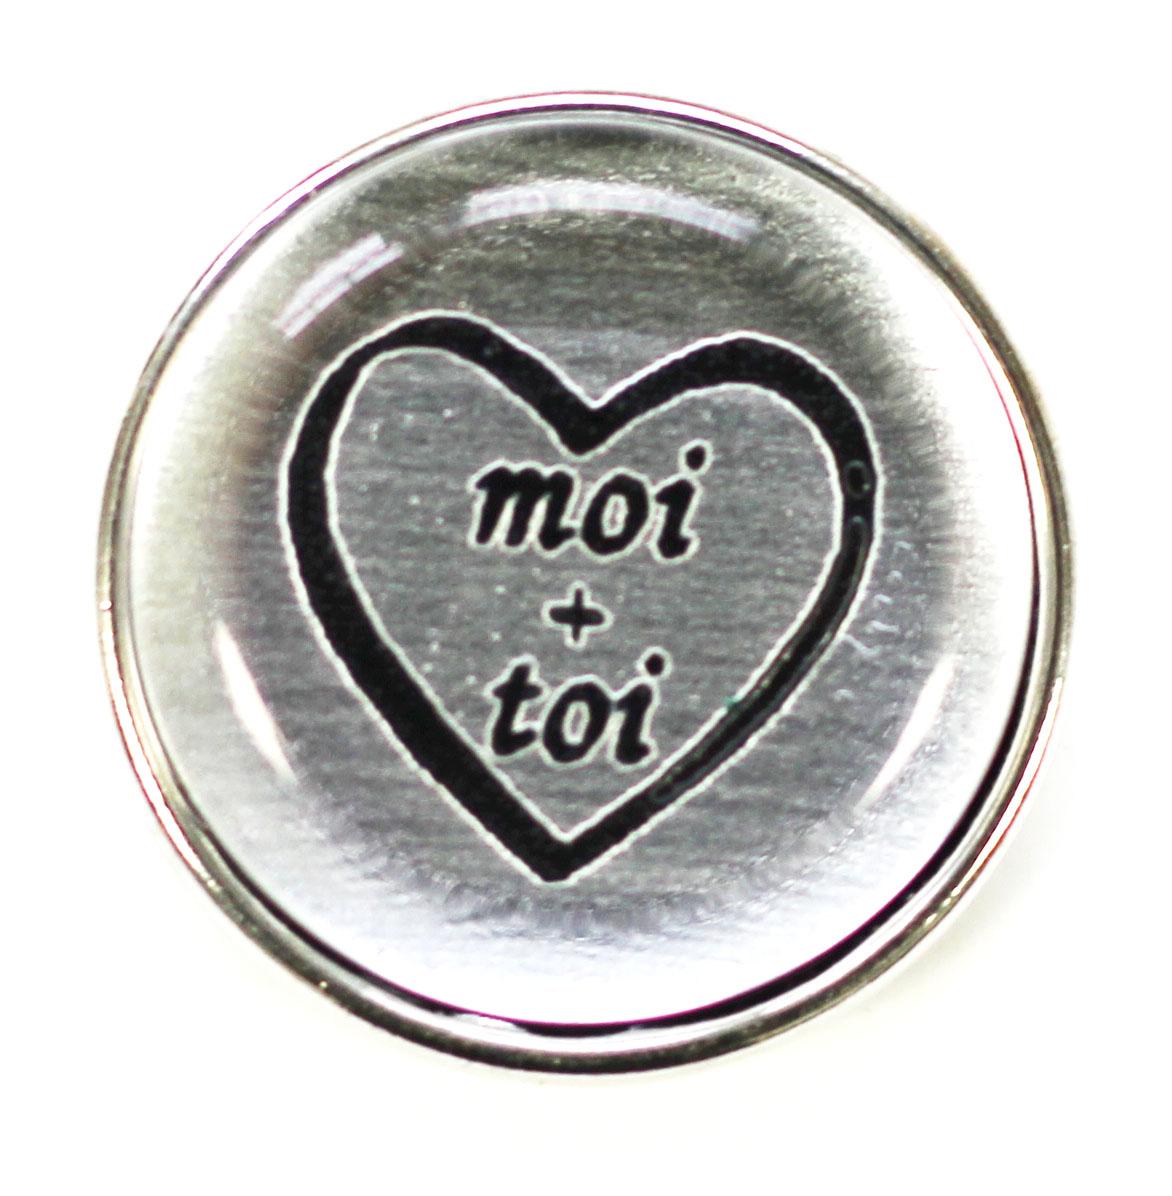 Moi+toi-1055S